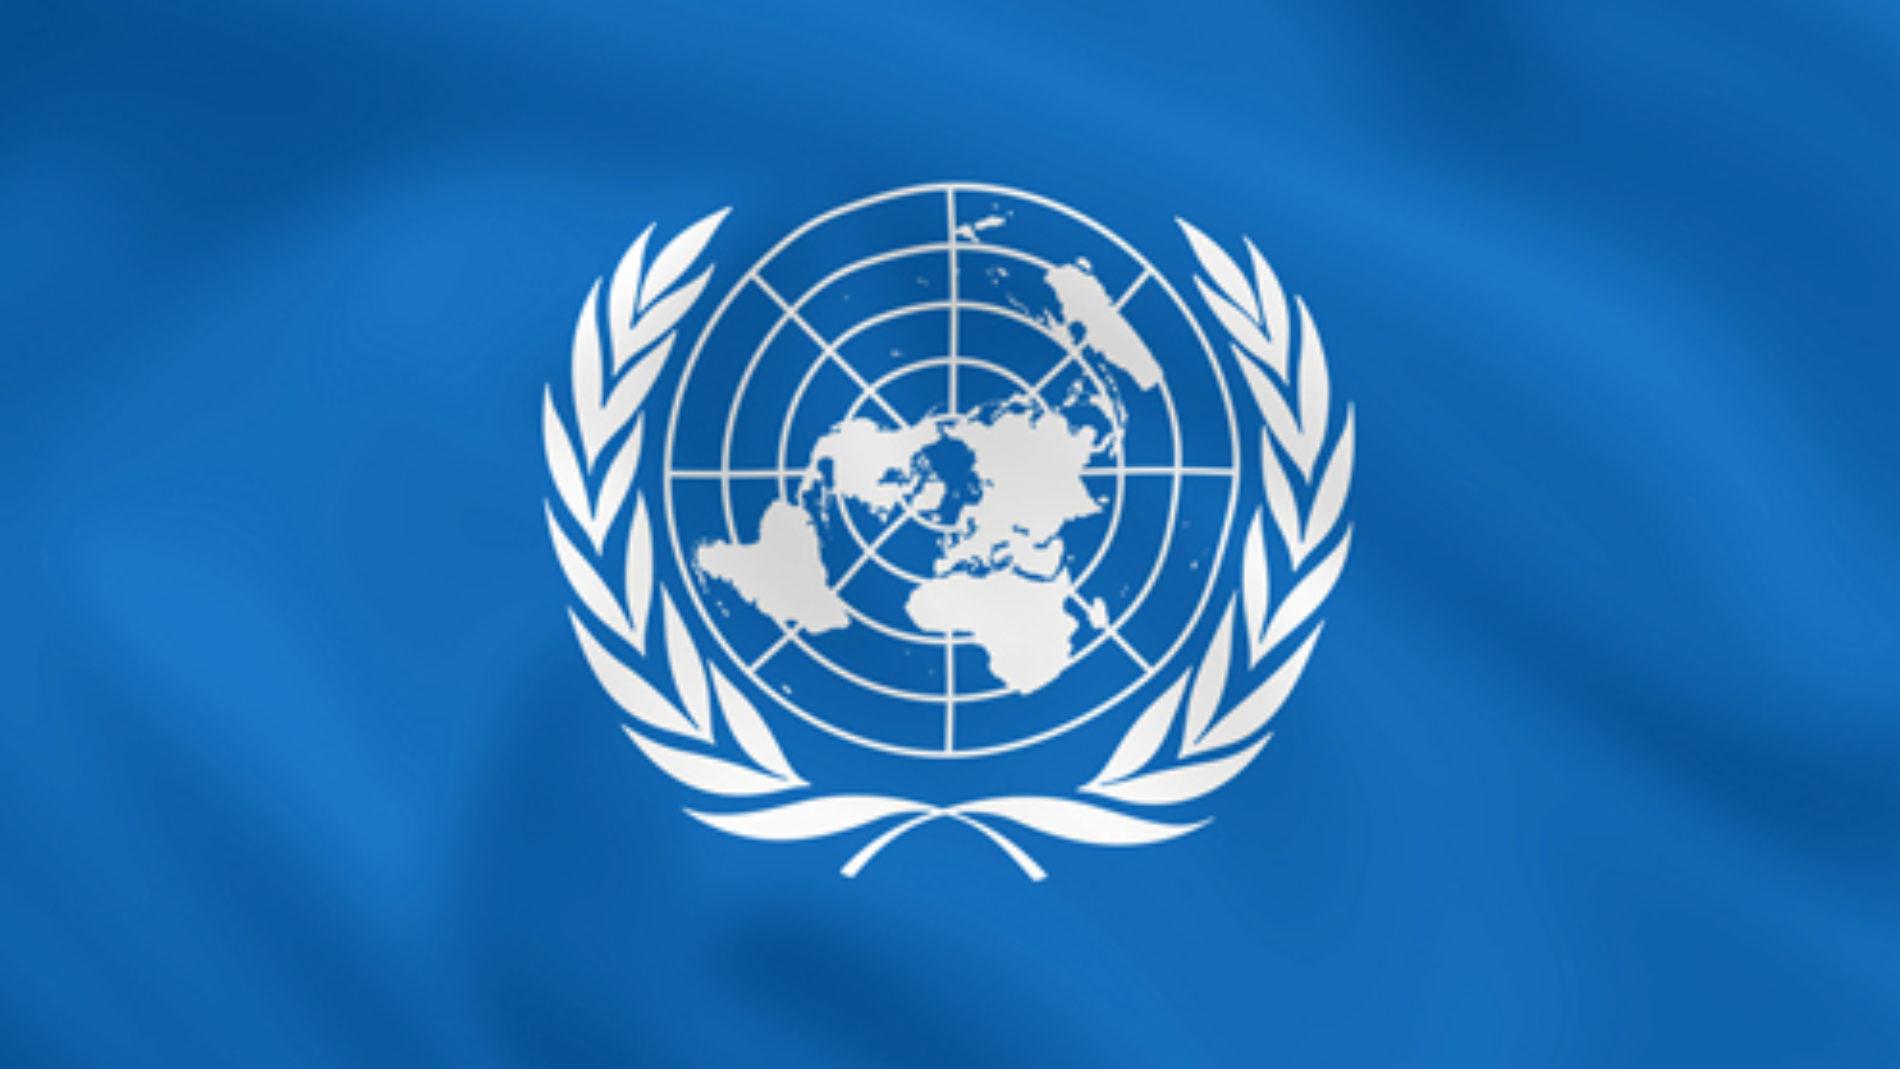 La commission d'enquêtes de l'ONU dit détenir la liste des présumés auteurs de violations des droits humains